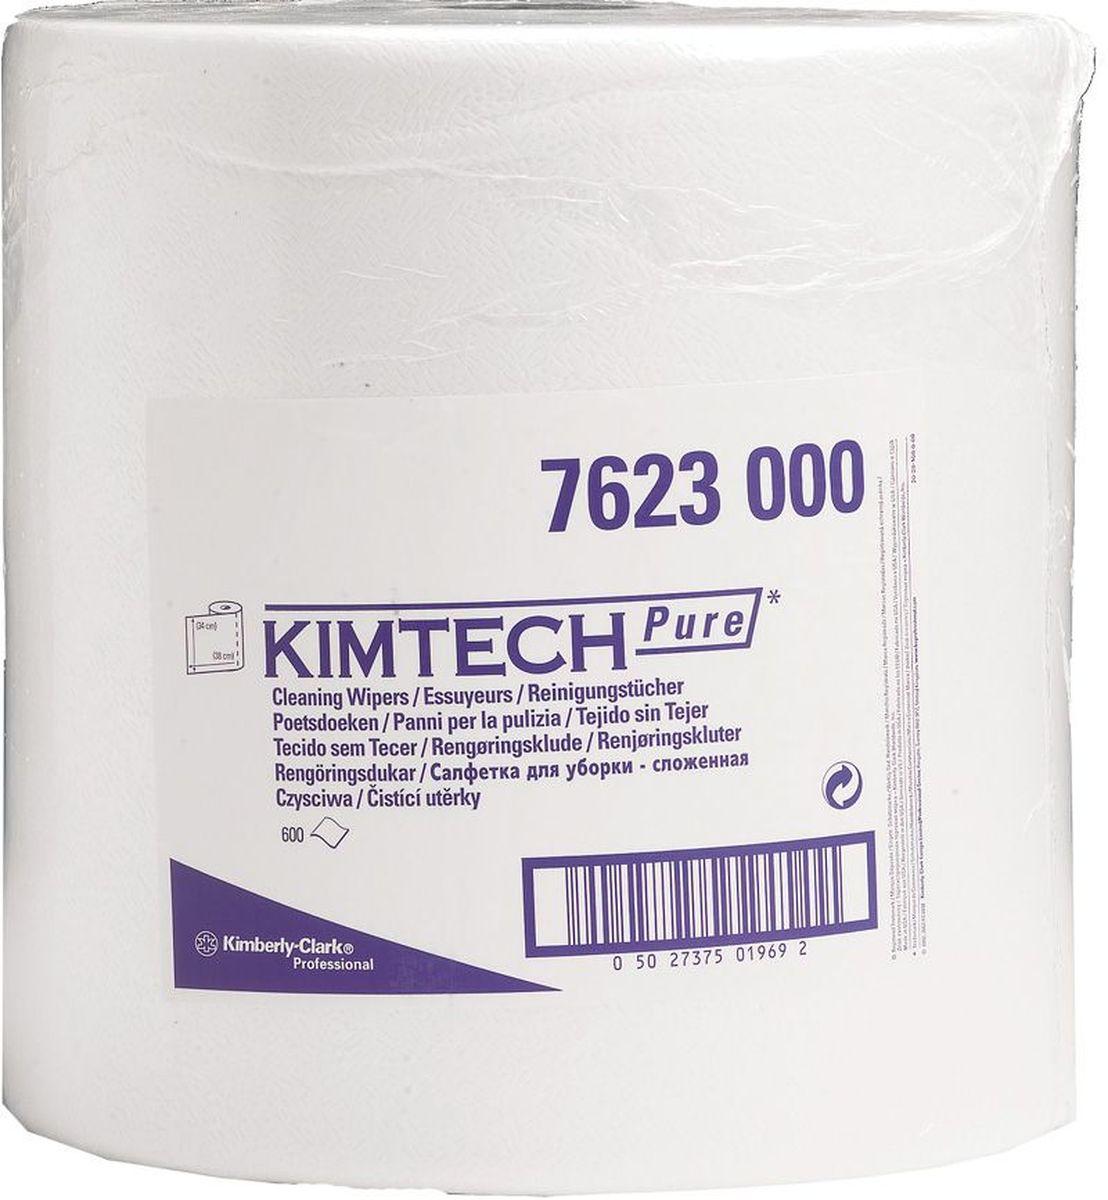 Салфетка протирочная Kimtech Pure, 600 листов. 76237623Идеальное решение для сухой очистки оборудования высокой степени важности и поверхностей в фармацевтической промышленности, в высокотехнологичных биотехнологических отраслях, при производстве медицинского оборудования, очистки на участках пищевой промышленности. Формат поставки: белые однослойные салфетки, большой рулон с перфорацией для зон с высокой проходимостью. Может использоваться с переносными или стационарными диспенсерами для контроля расхода продукта и уменьшения объема отходов. Ассортимент высокоэффективных протирочных средств для использования в чистых помещениях класса ISO 4 и выше.